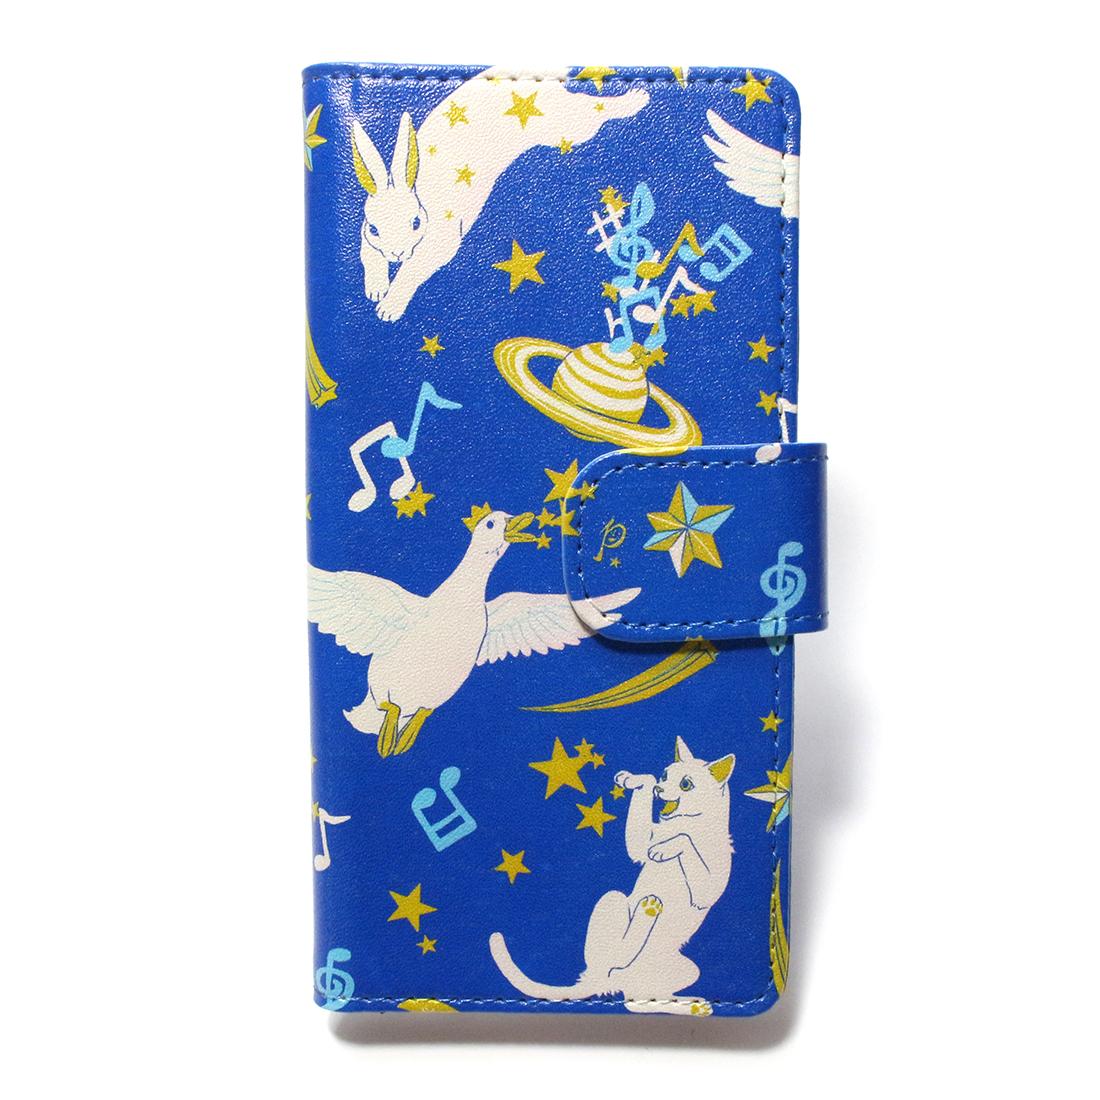 【3月誕生色モチーフ】【セール】動物ユニバース / スマートフォンケース(iPhone6,iPhone7,iPhone8兼用)